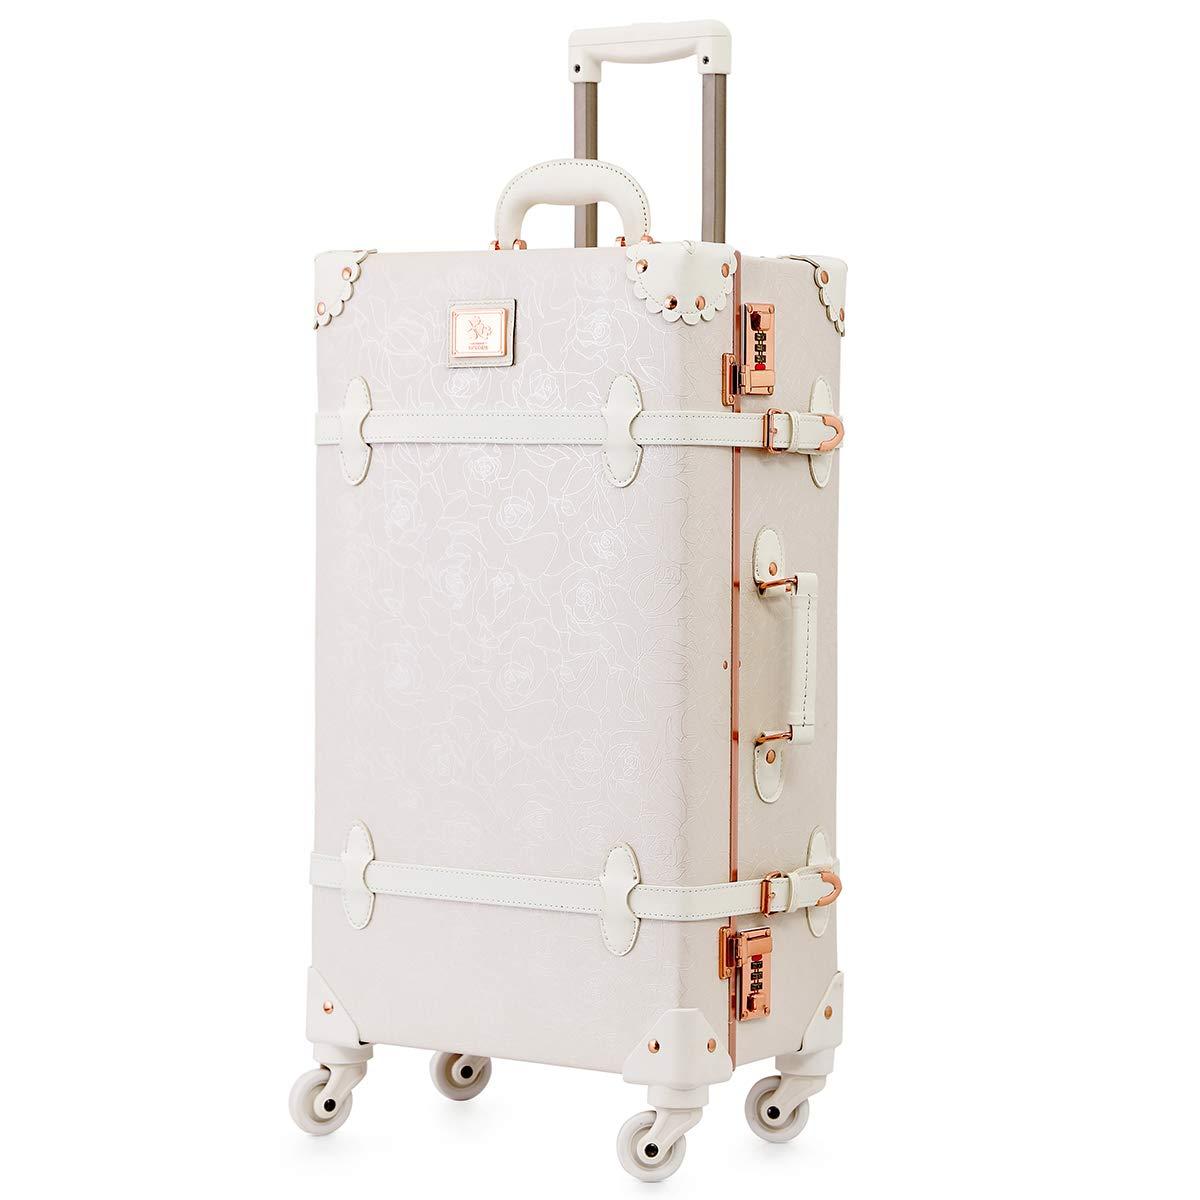 可愛い スーツケース クラシック トランク トランクケース ピンク 機内持込 キャリーケース かわいい 子供 女の子 B07KZLL7R6 バラの白 L(24)型